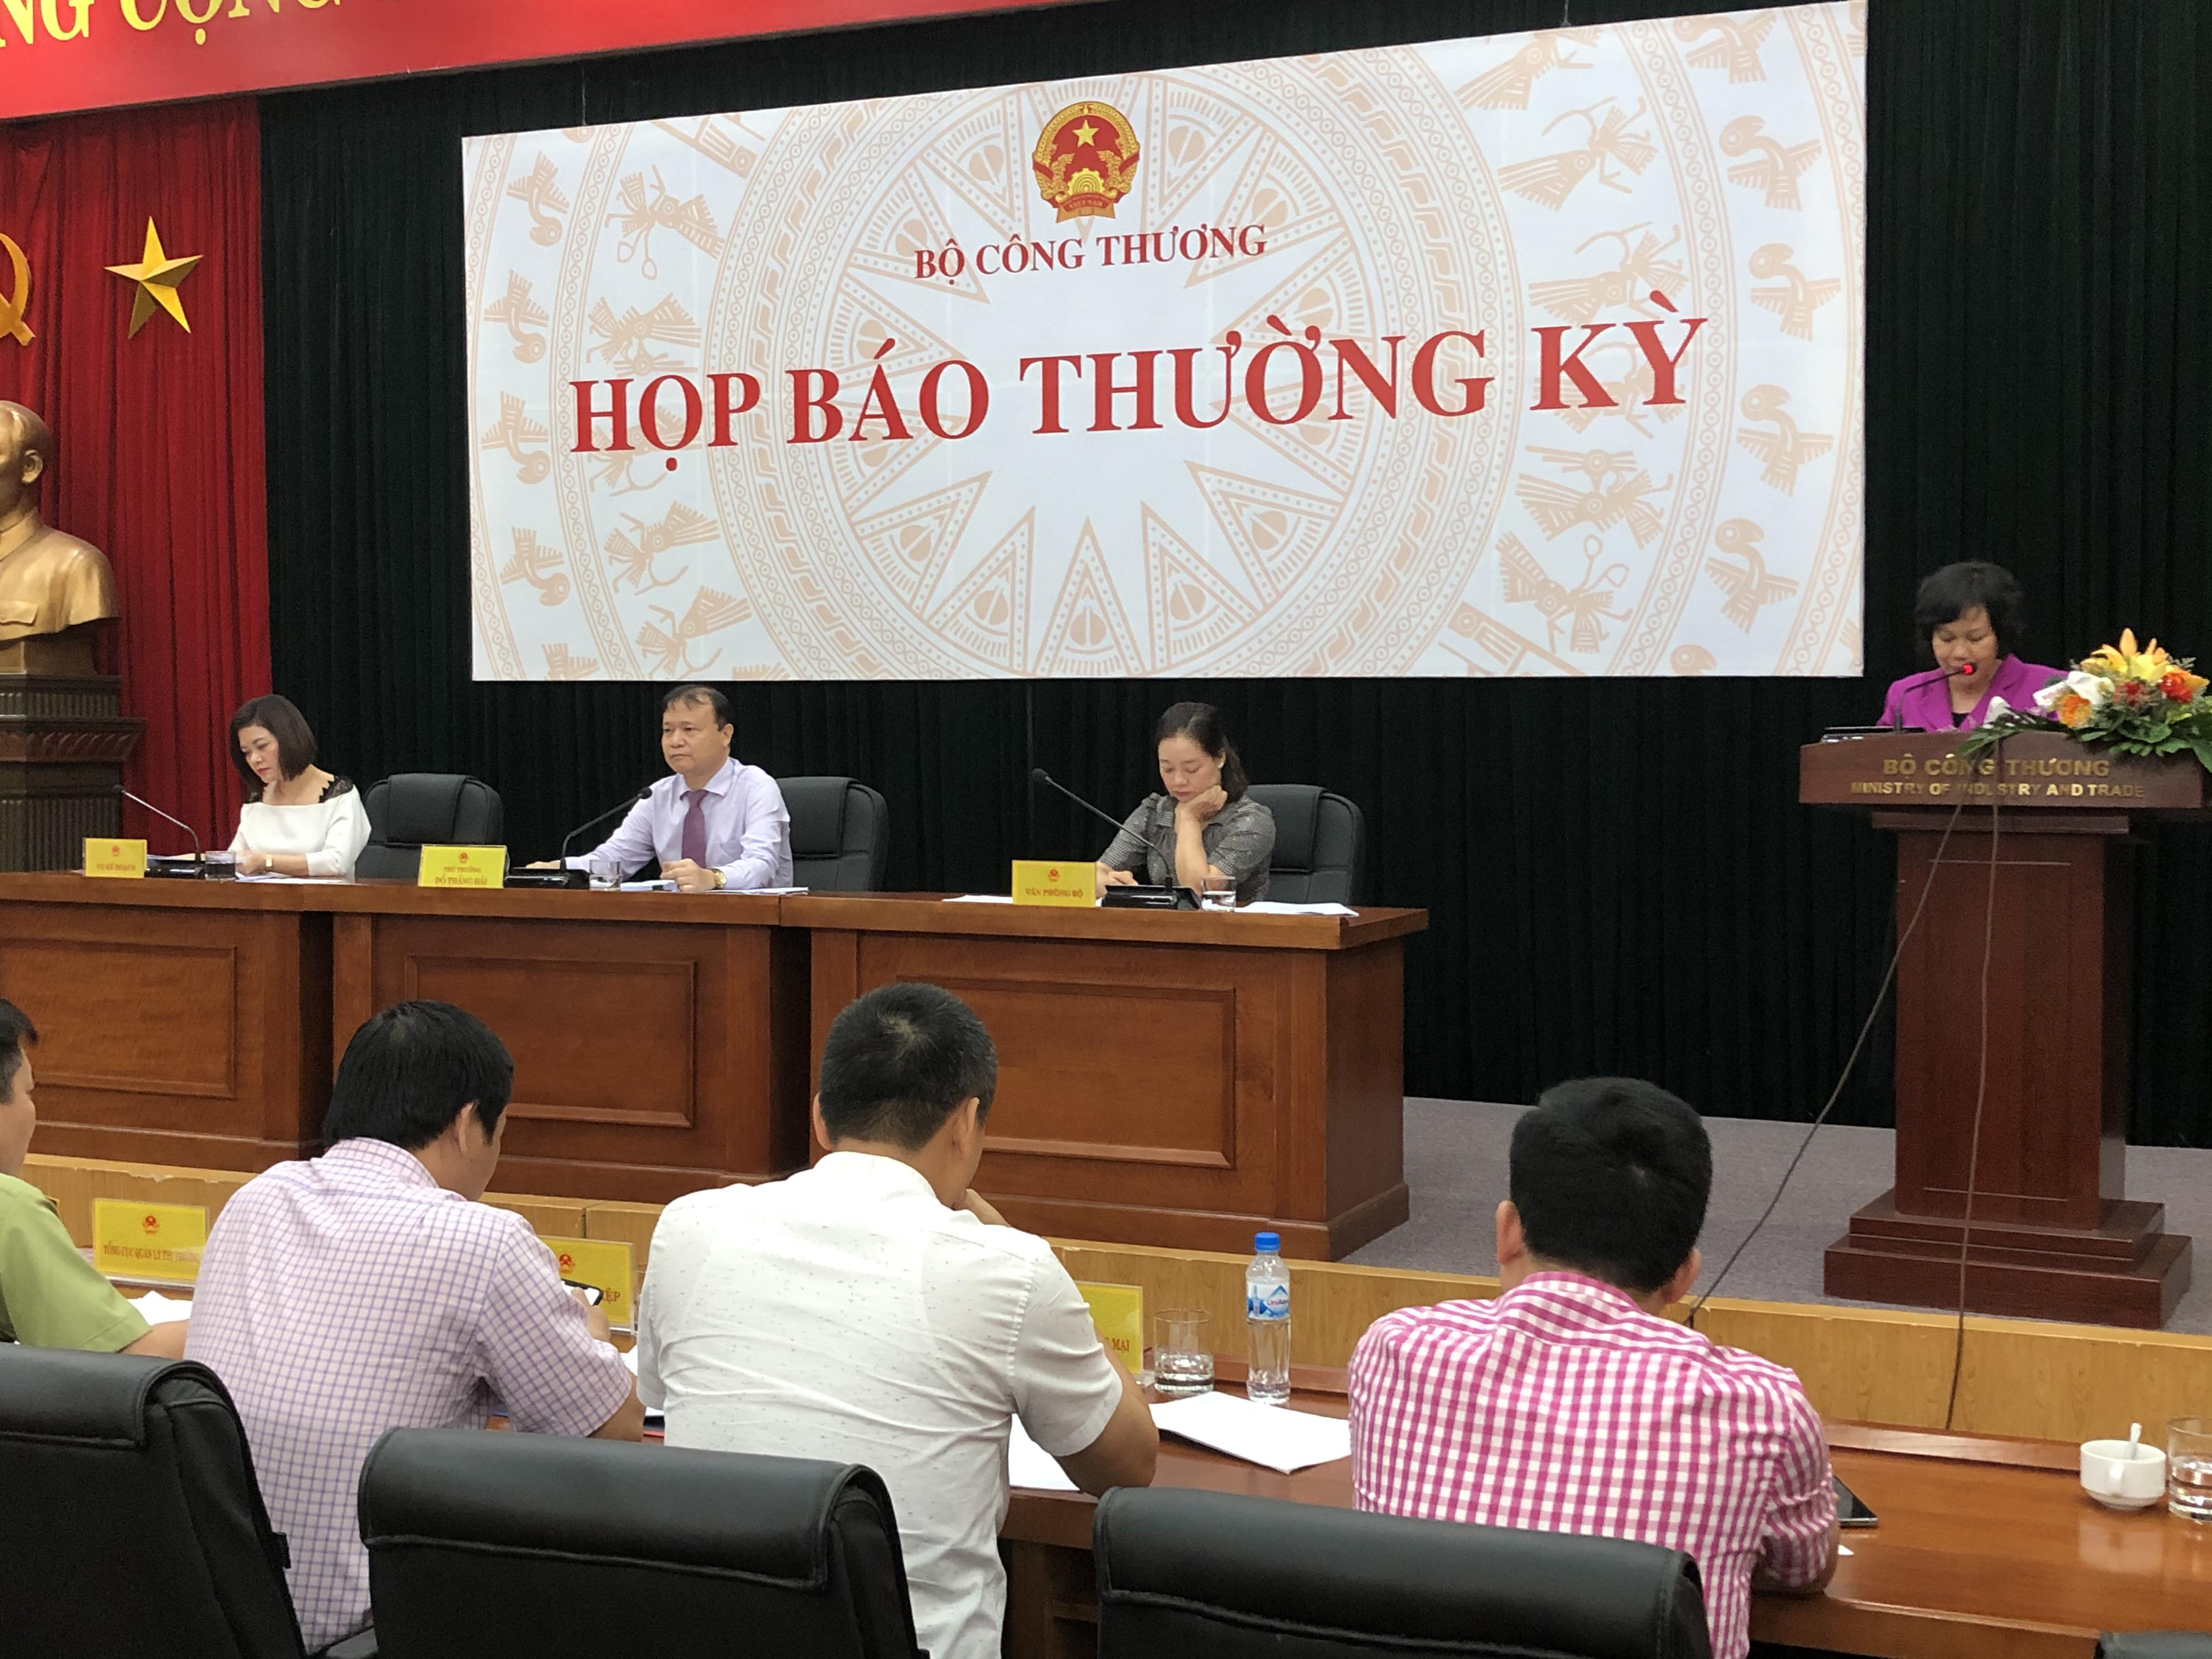 Thứ trưởng Bộ Công Thương: Nếu ngưng nhập khẩu xăng dầu, Việt Nam sẽ vi phạm cam kết FTA - Ảnh 1.